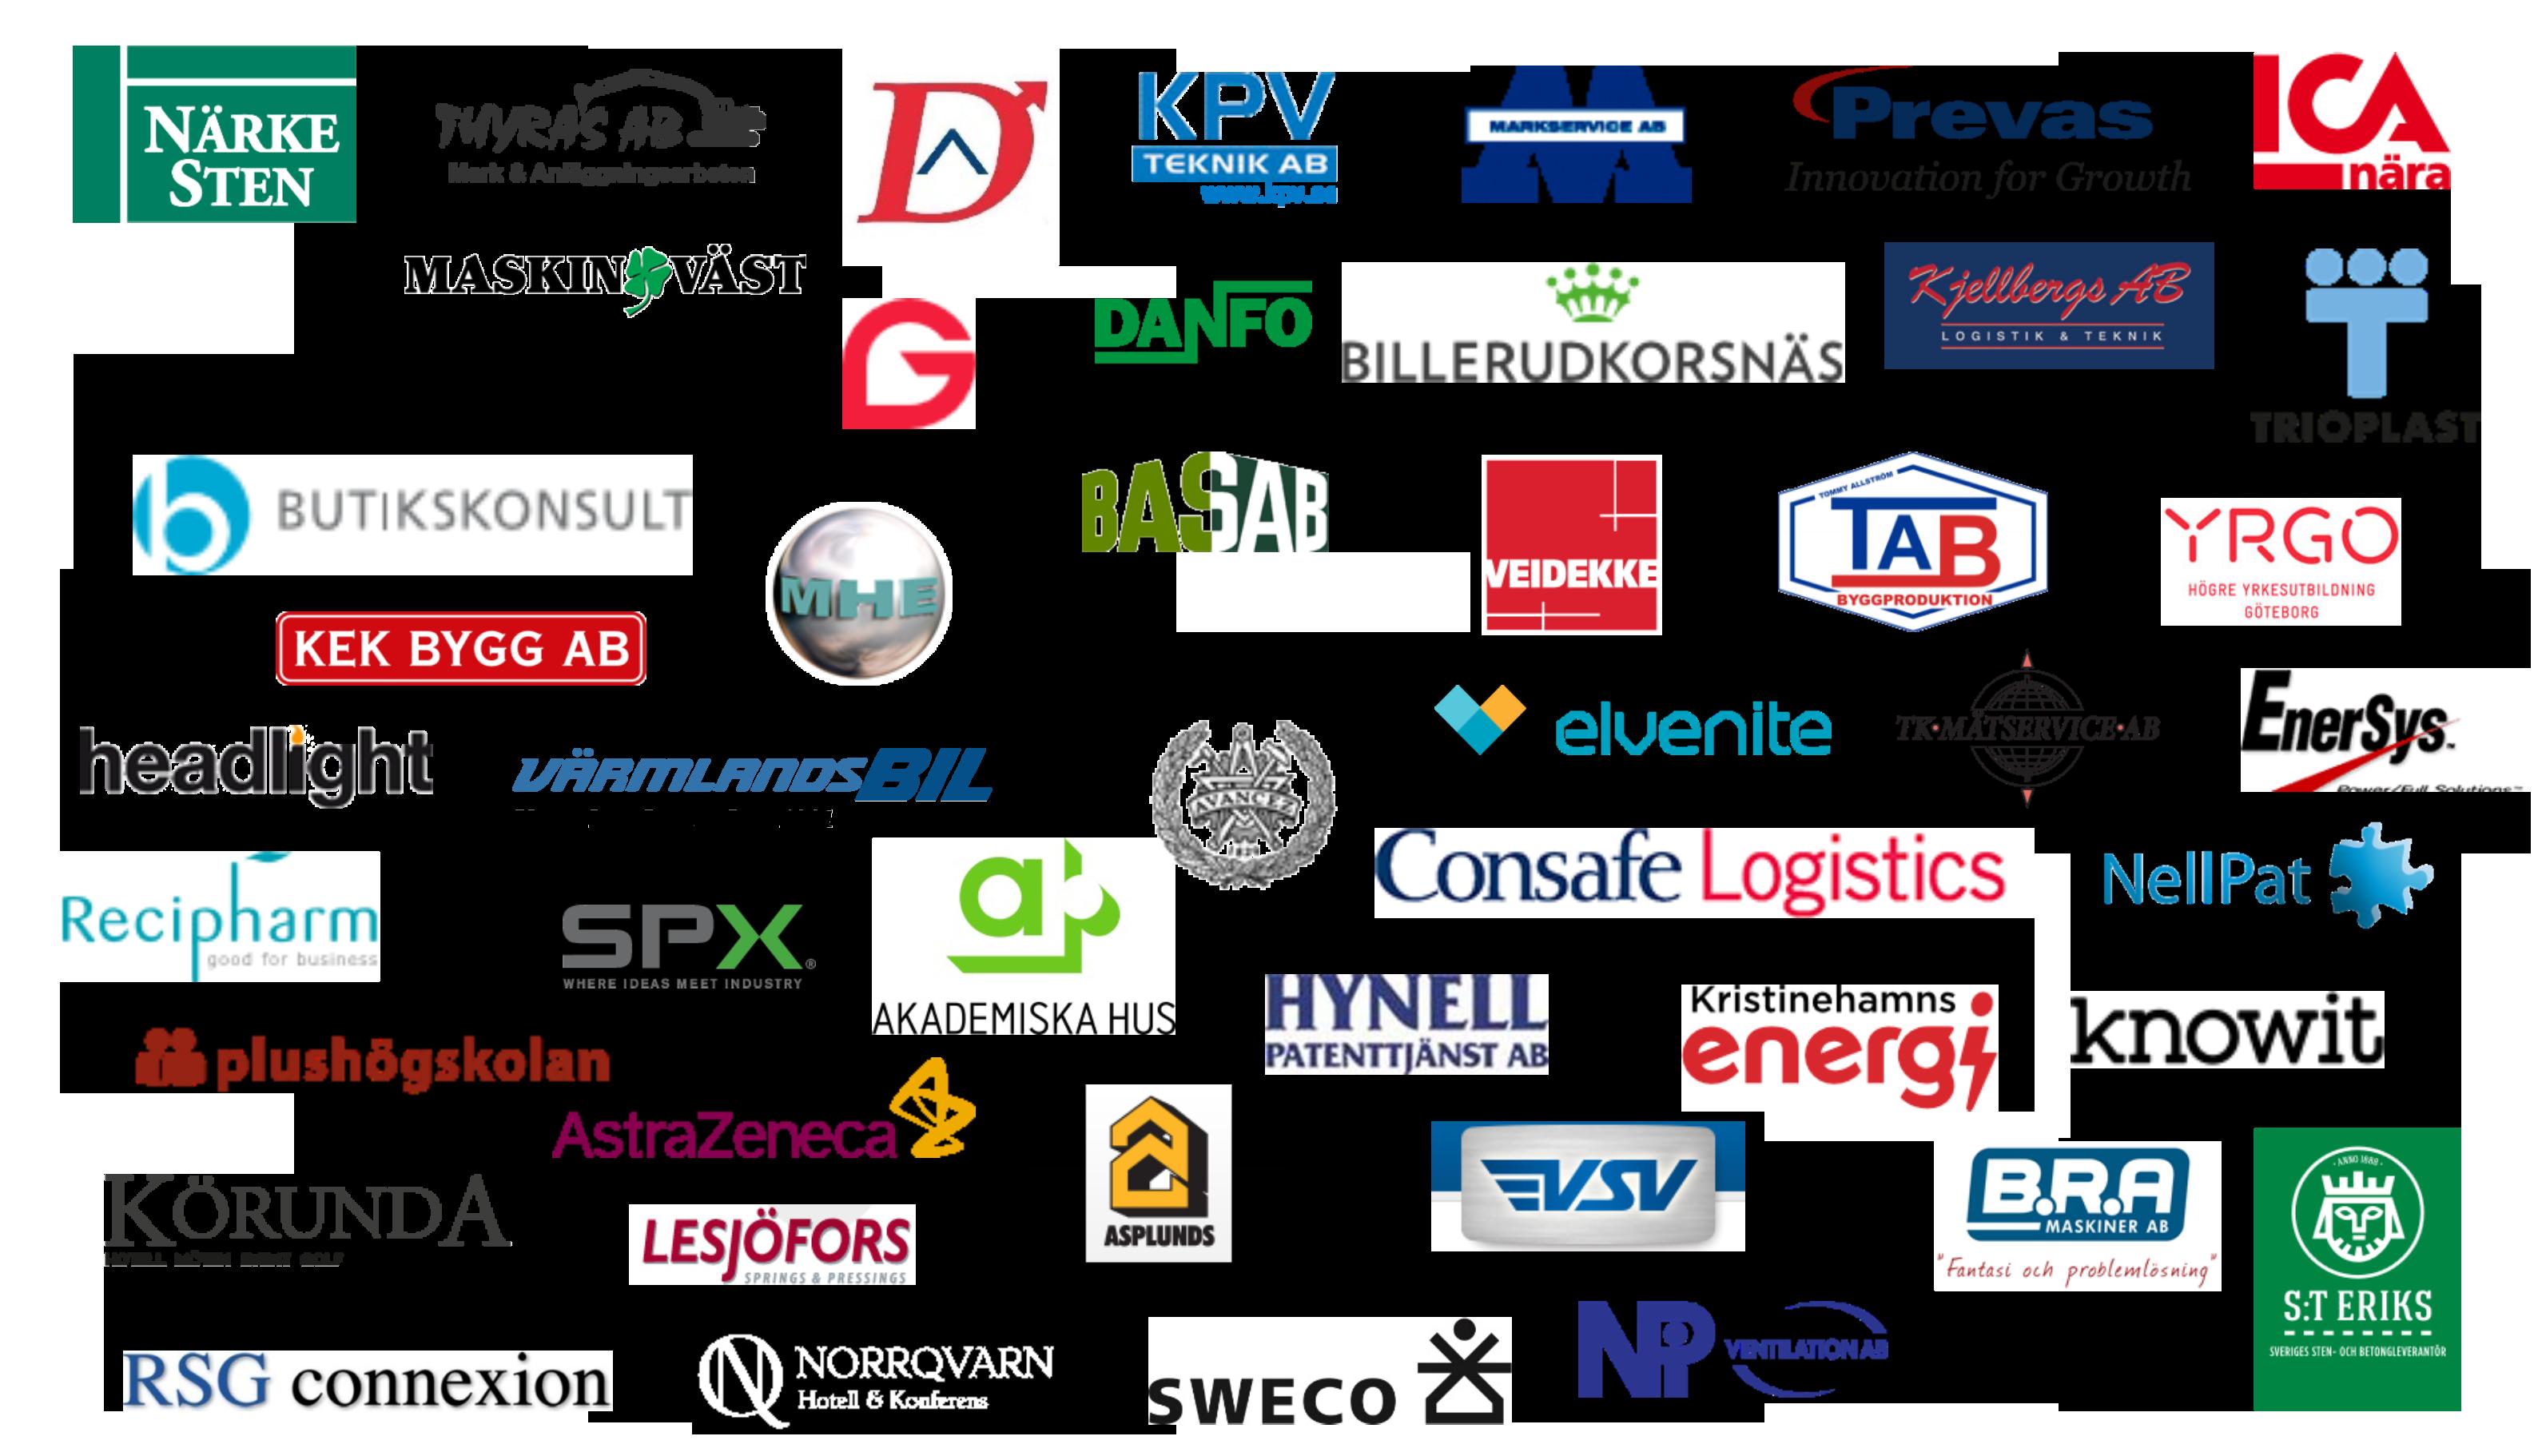 Resultatet av våra tjänster skapas i samverkan med våra kunder, där kvalitetssäkring gör att vi kan garantera er ett bra resultat.